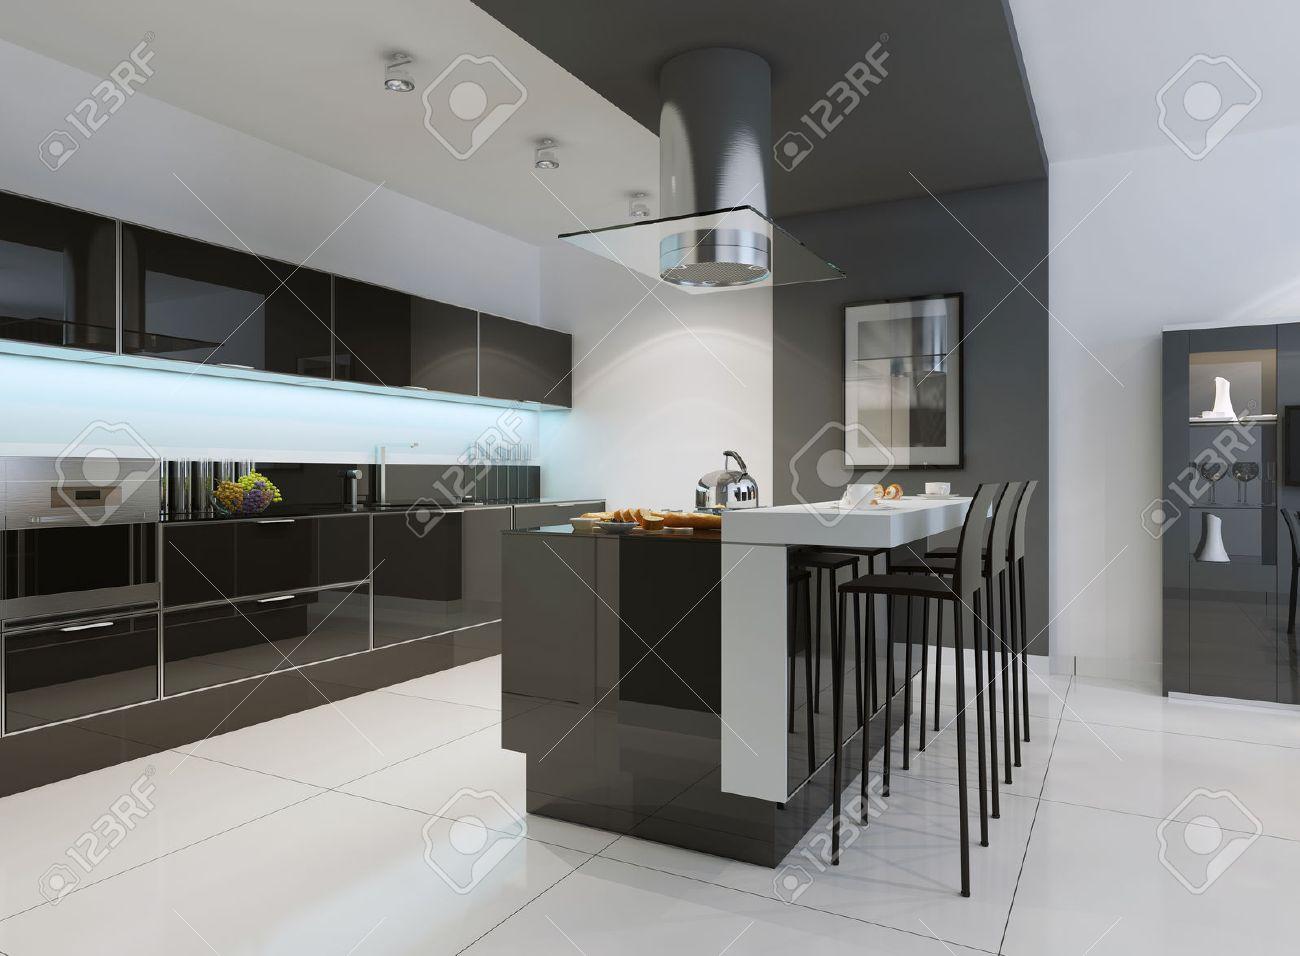 Idee Der Minimalistische Küche. Moderne Küche Mit Unterbauspüle ...